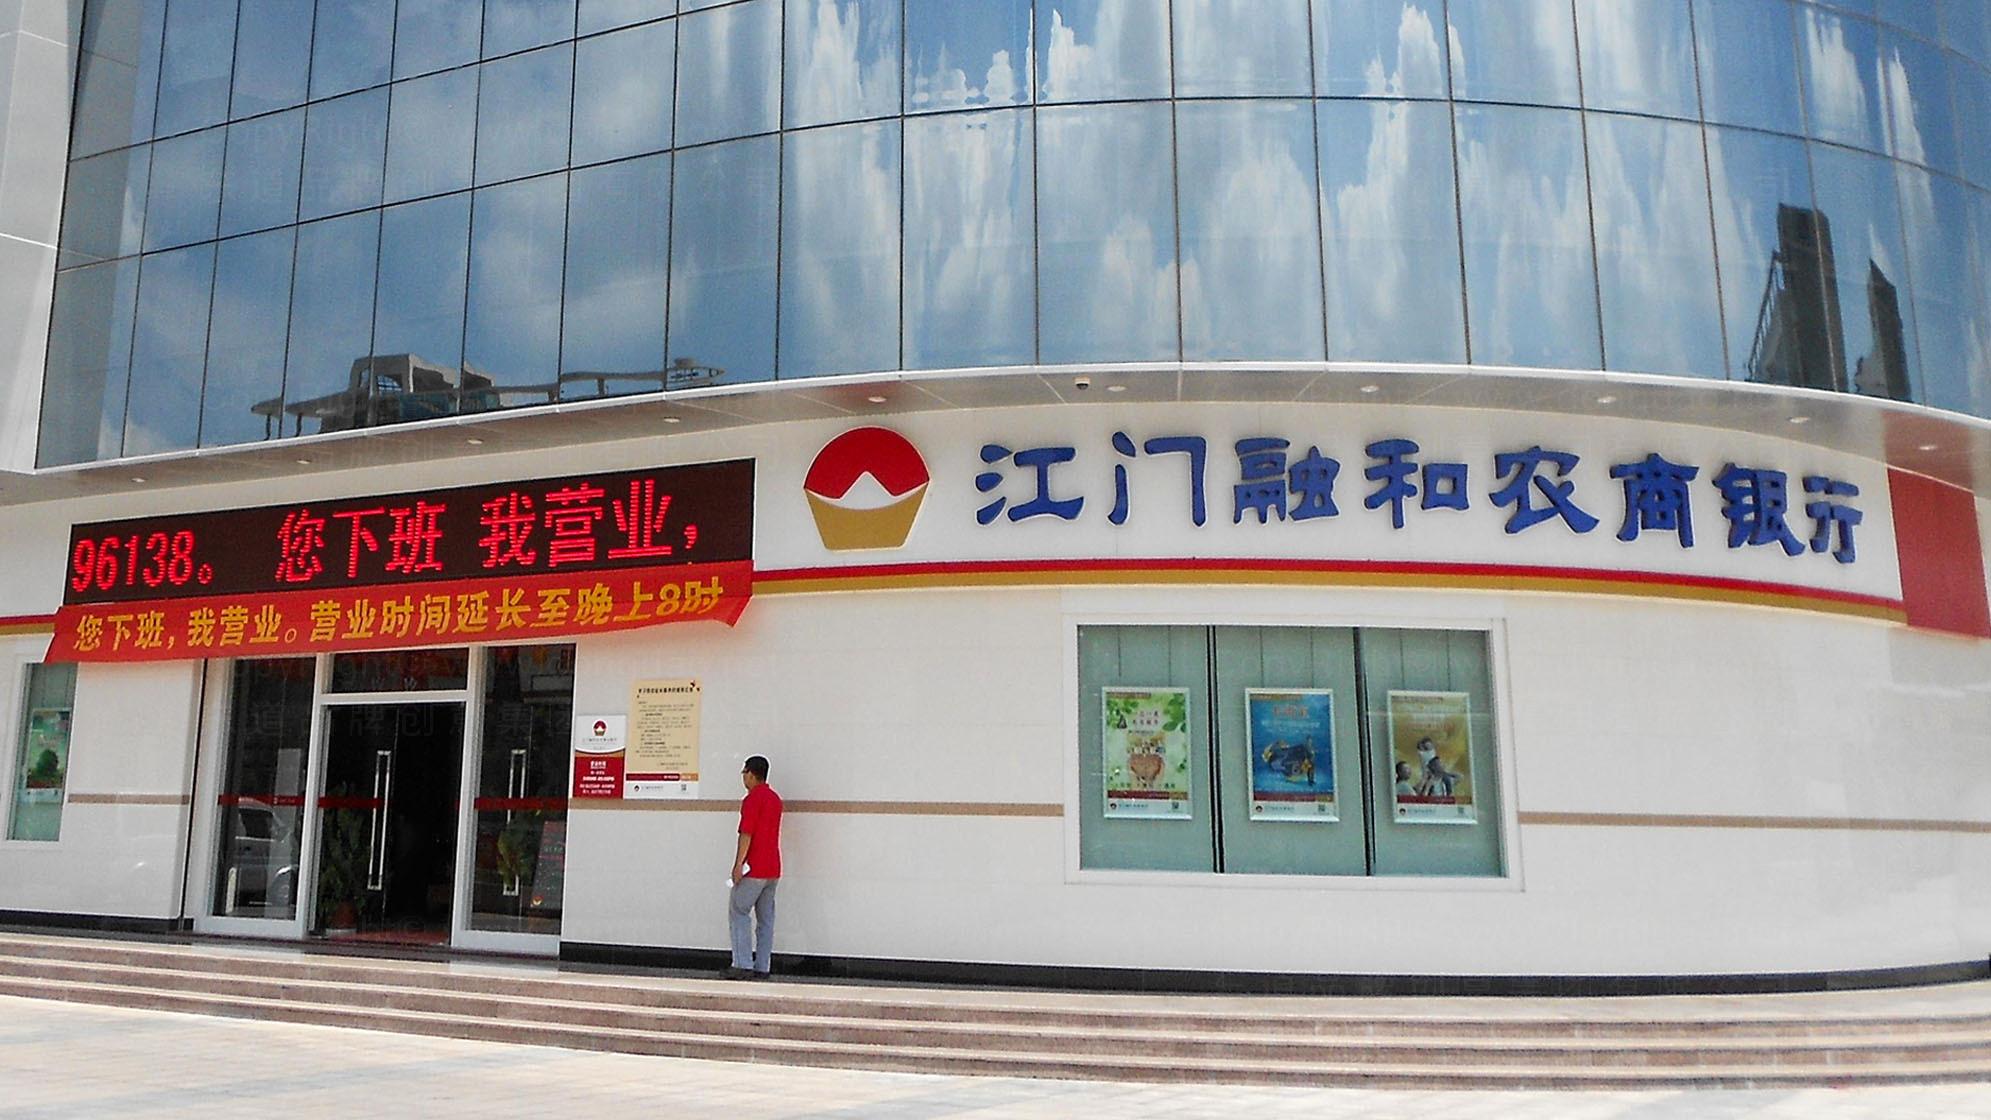 落地工程江门农商银行金融类环境空间制作应用场景_7